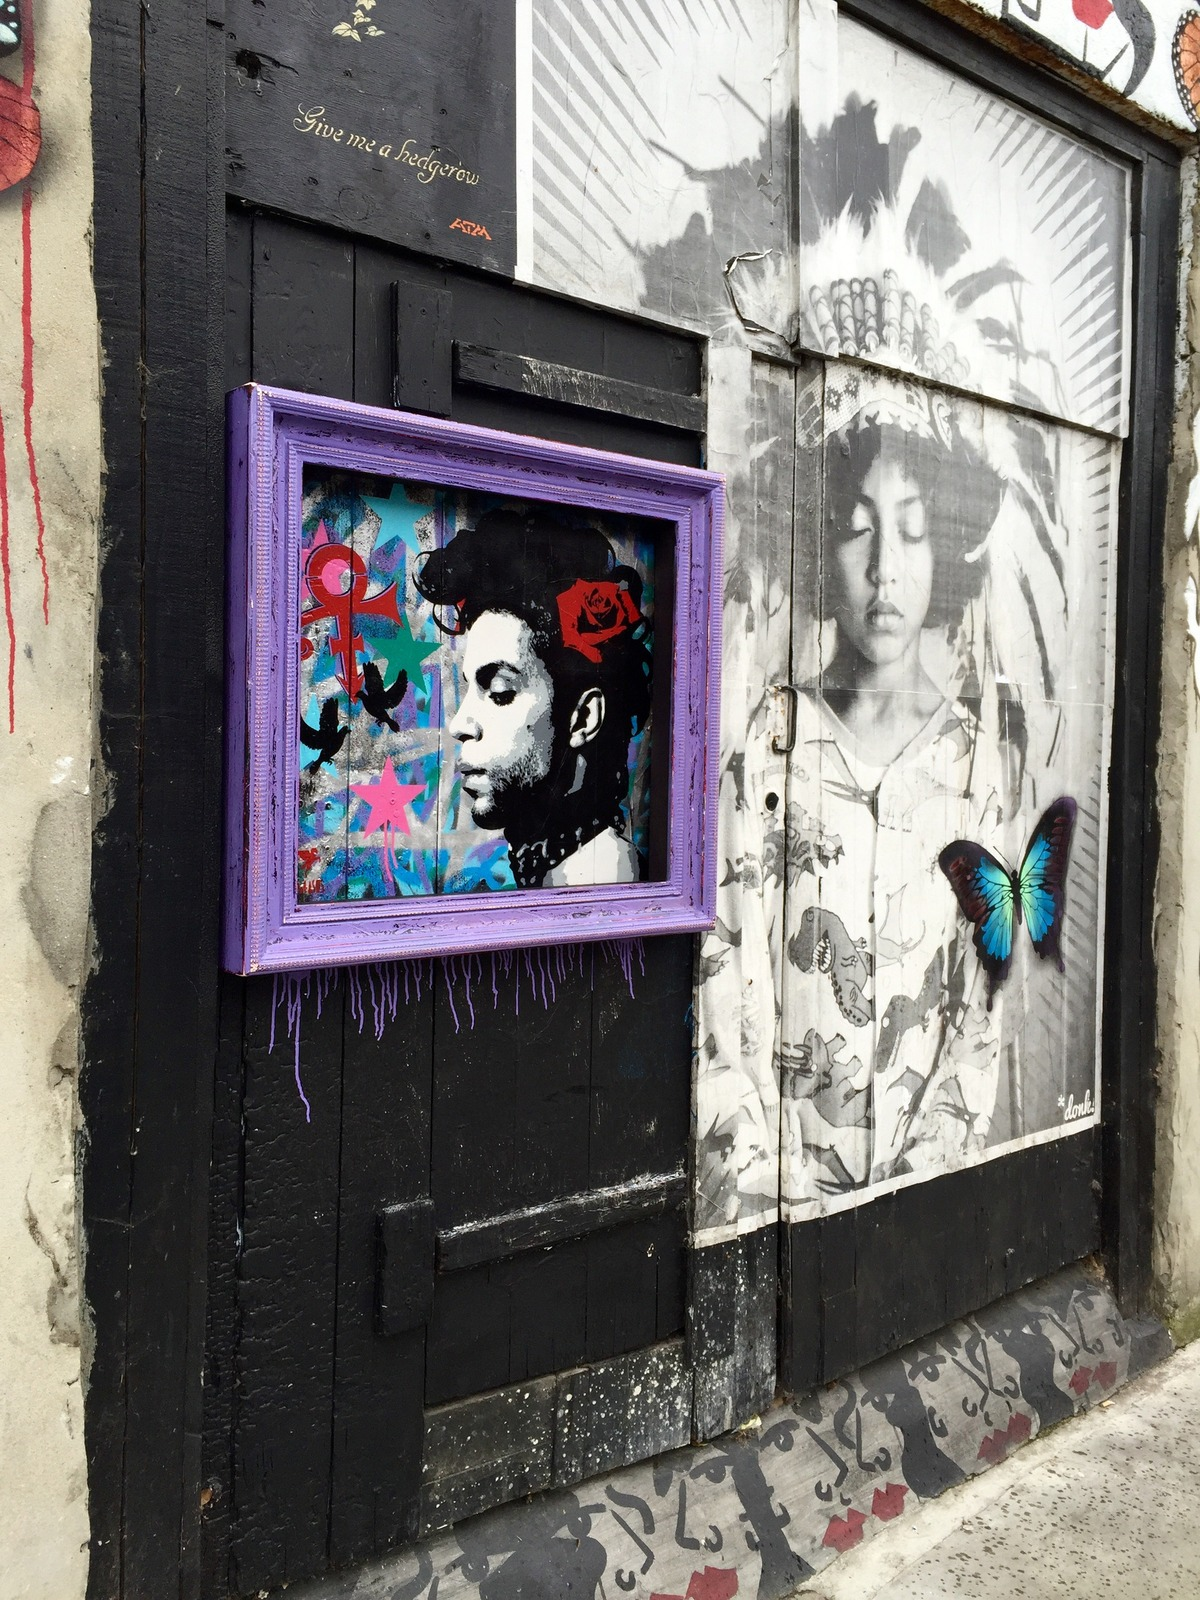 Street art művész állított emléket Prince-nek